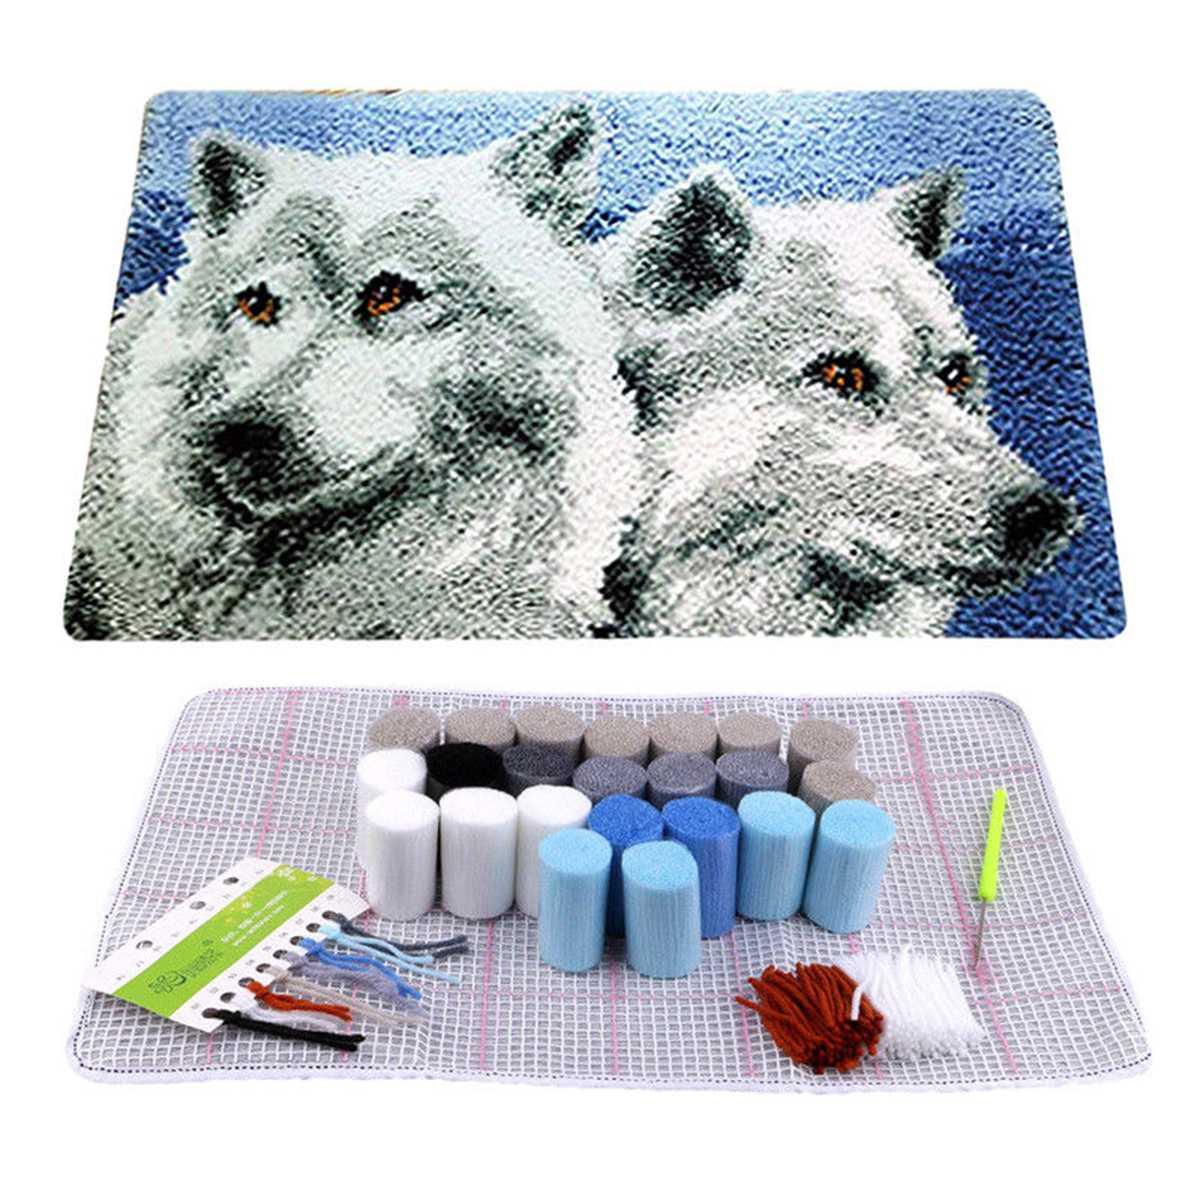 Wolf Brothers, крючок с защелкой, ковер, набор, сделай сам, вышивка крестиком, коврик из ниток, рукоделие, пряжа, подушка, вышивка, домашний декор, 50*30 см